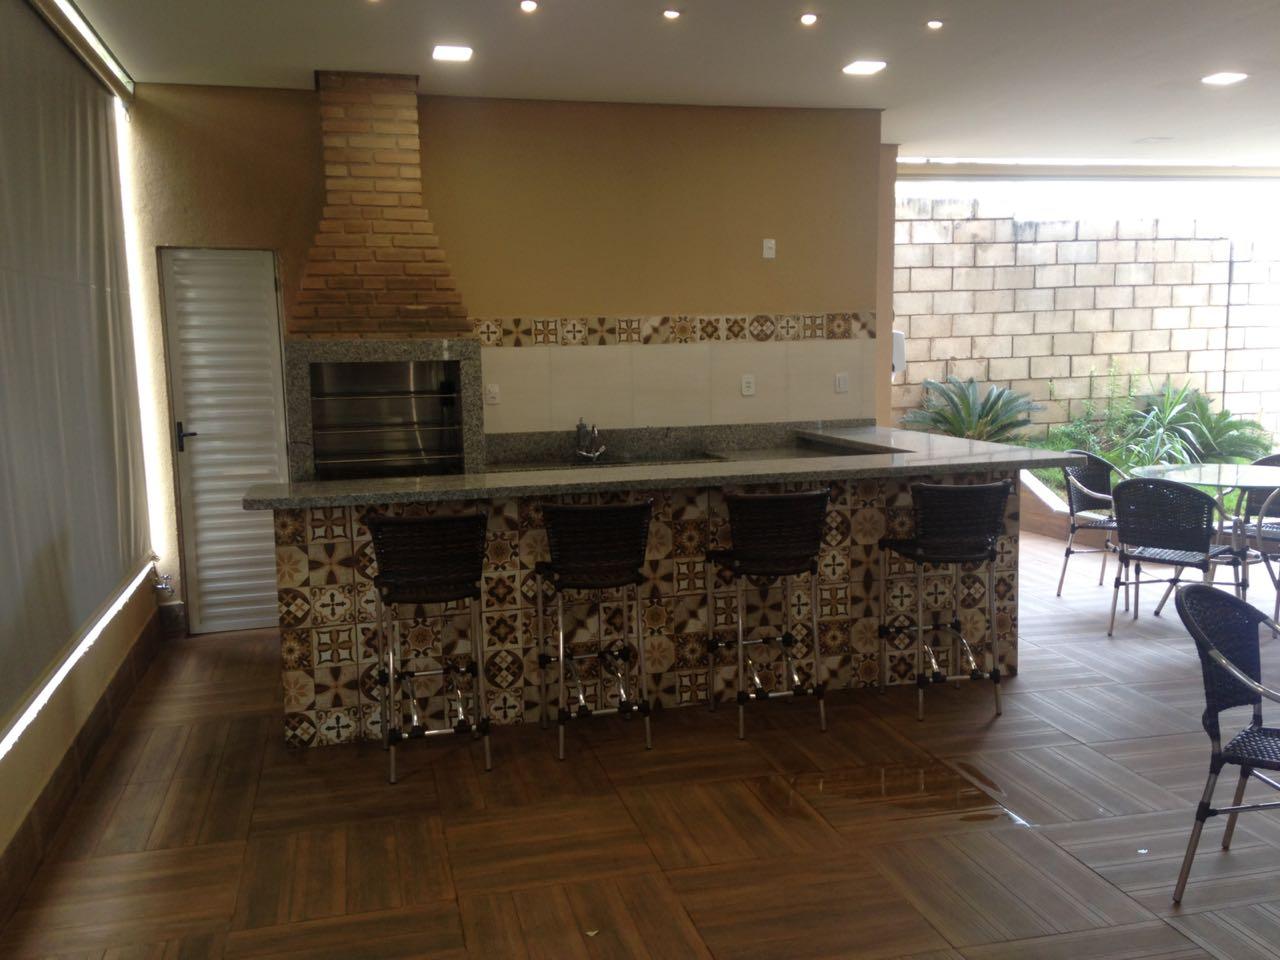 Apartamento para aluguel,  com 2 quartos no PARQUE DAS NAÇOES em Cuiabá MT 101 11673